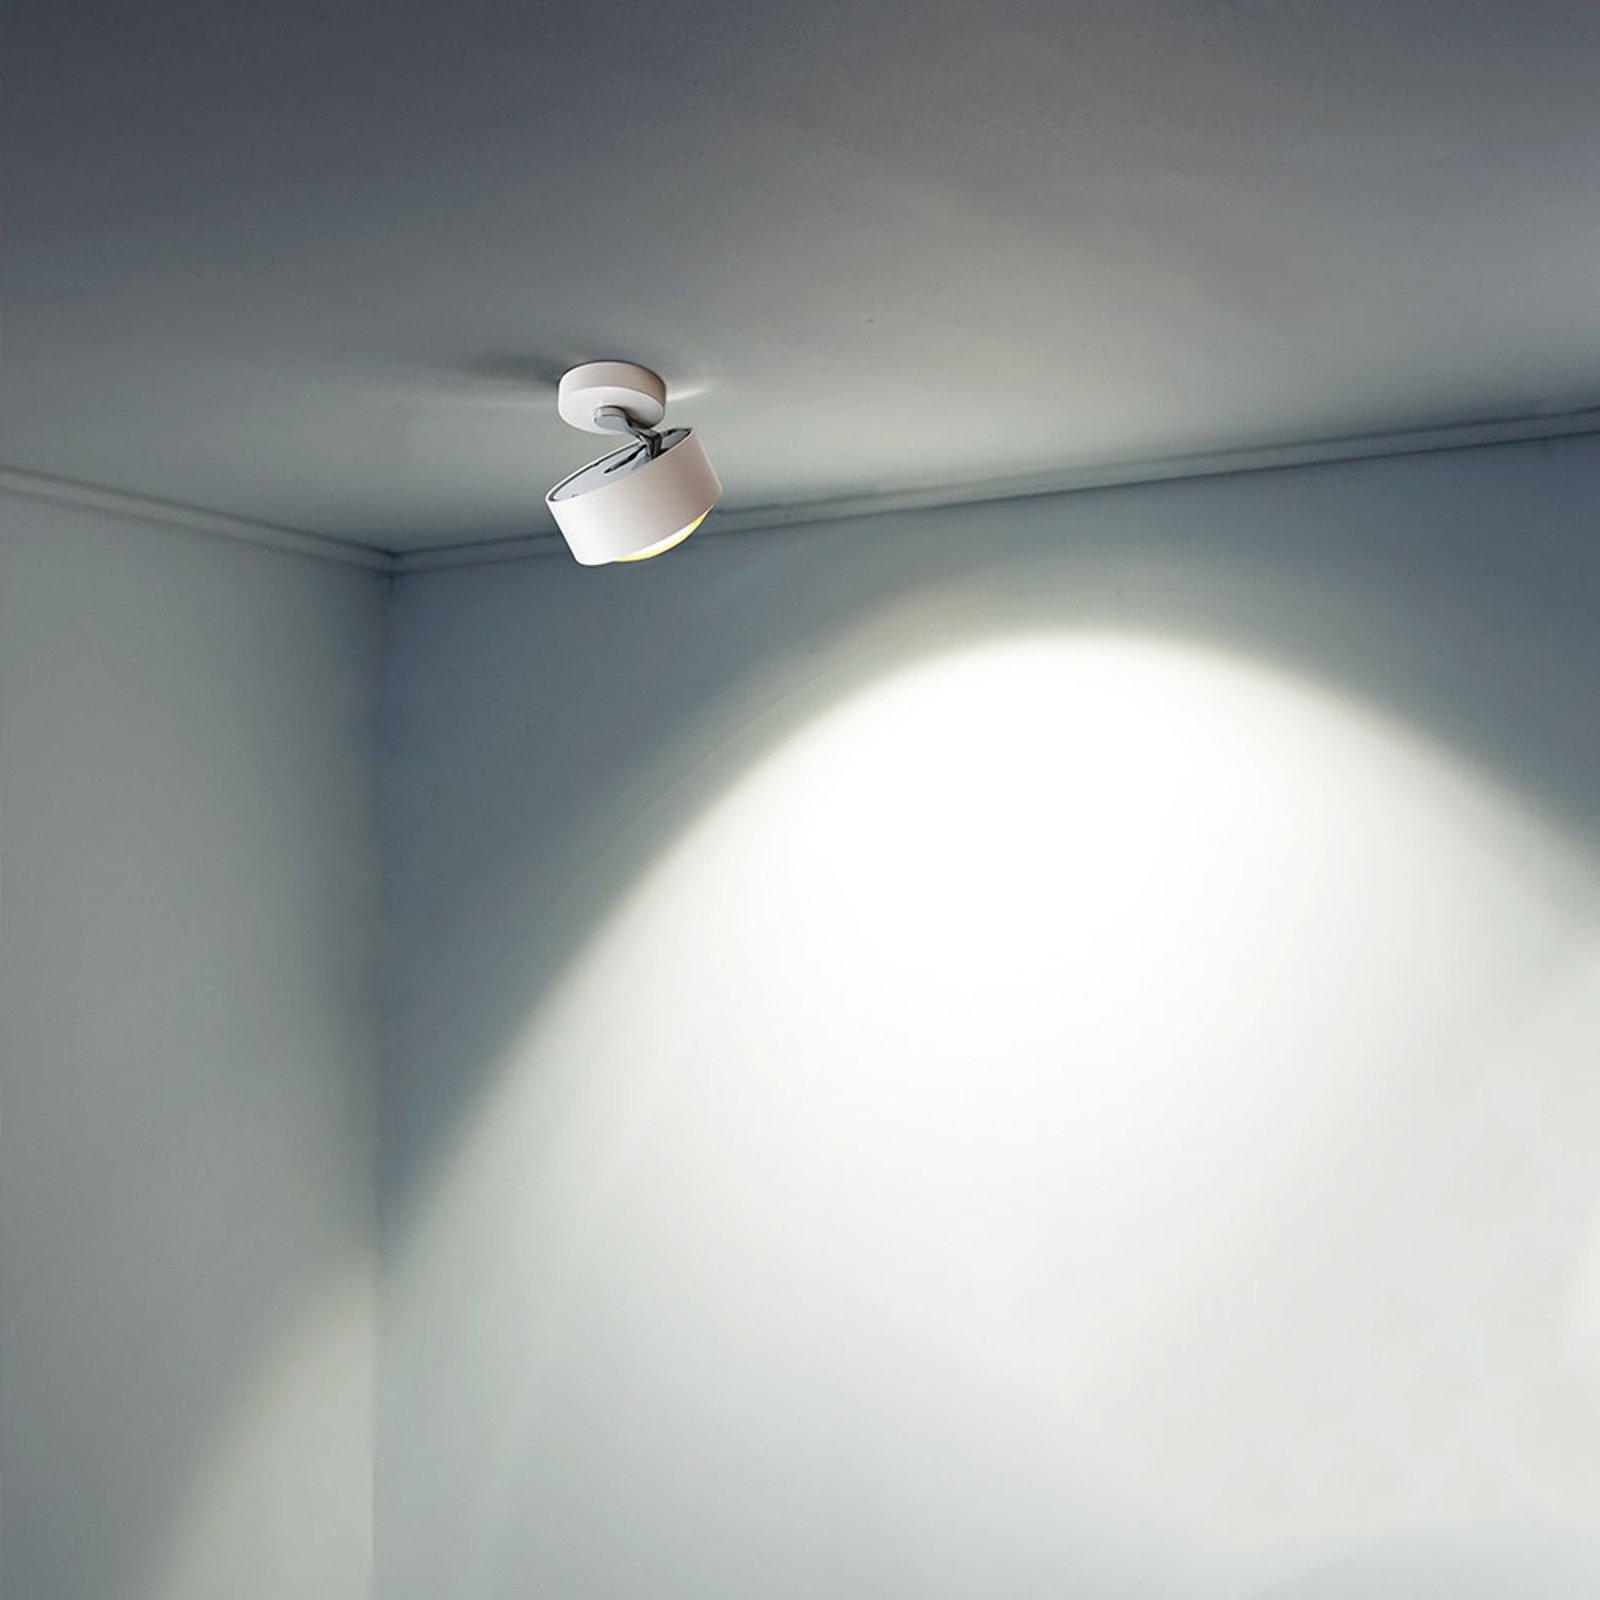 LED-taklampe Puk Maxx Move, hvit krom